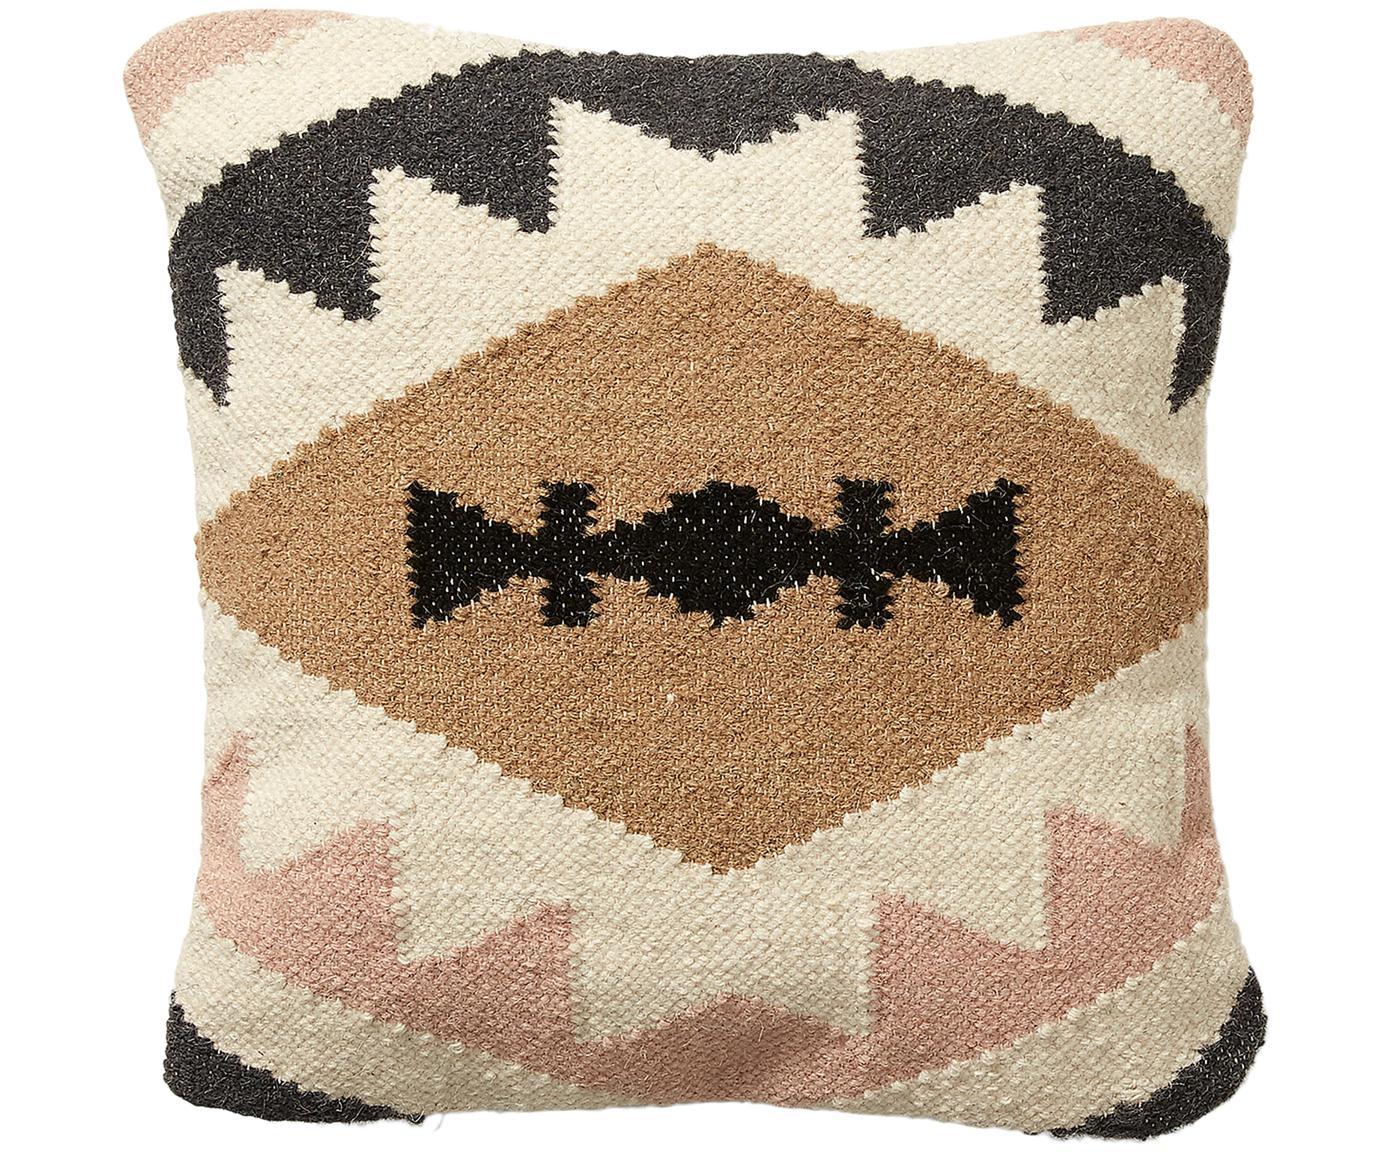 Poszewka na poduszkę Gayle, Bawełna, Beżowy, czarny, kremowy, blady różowy, S 45 x D 45 cm